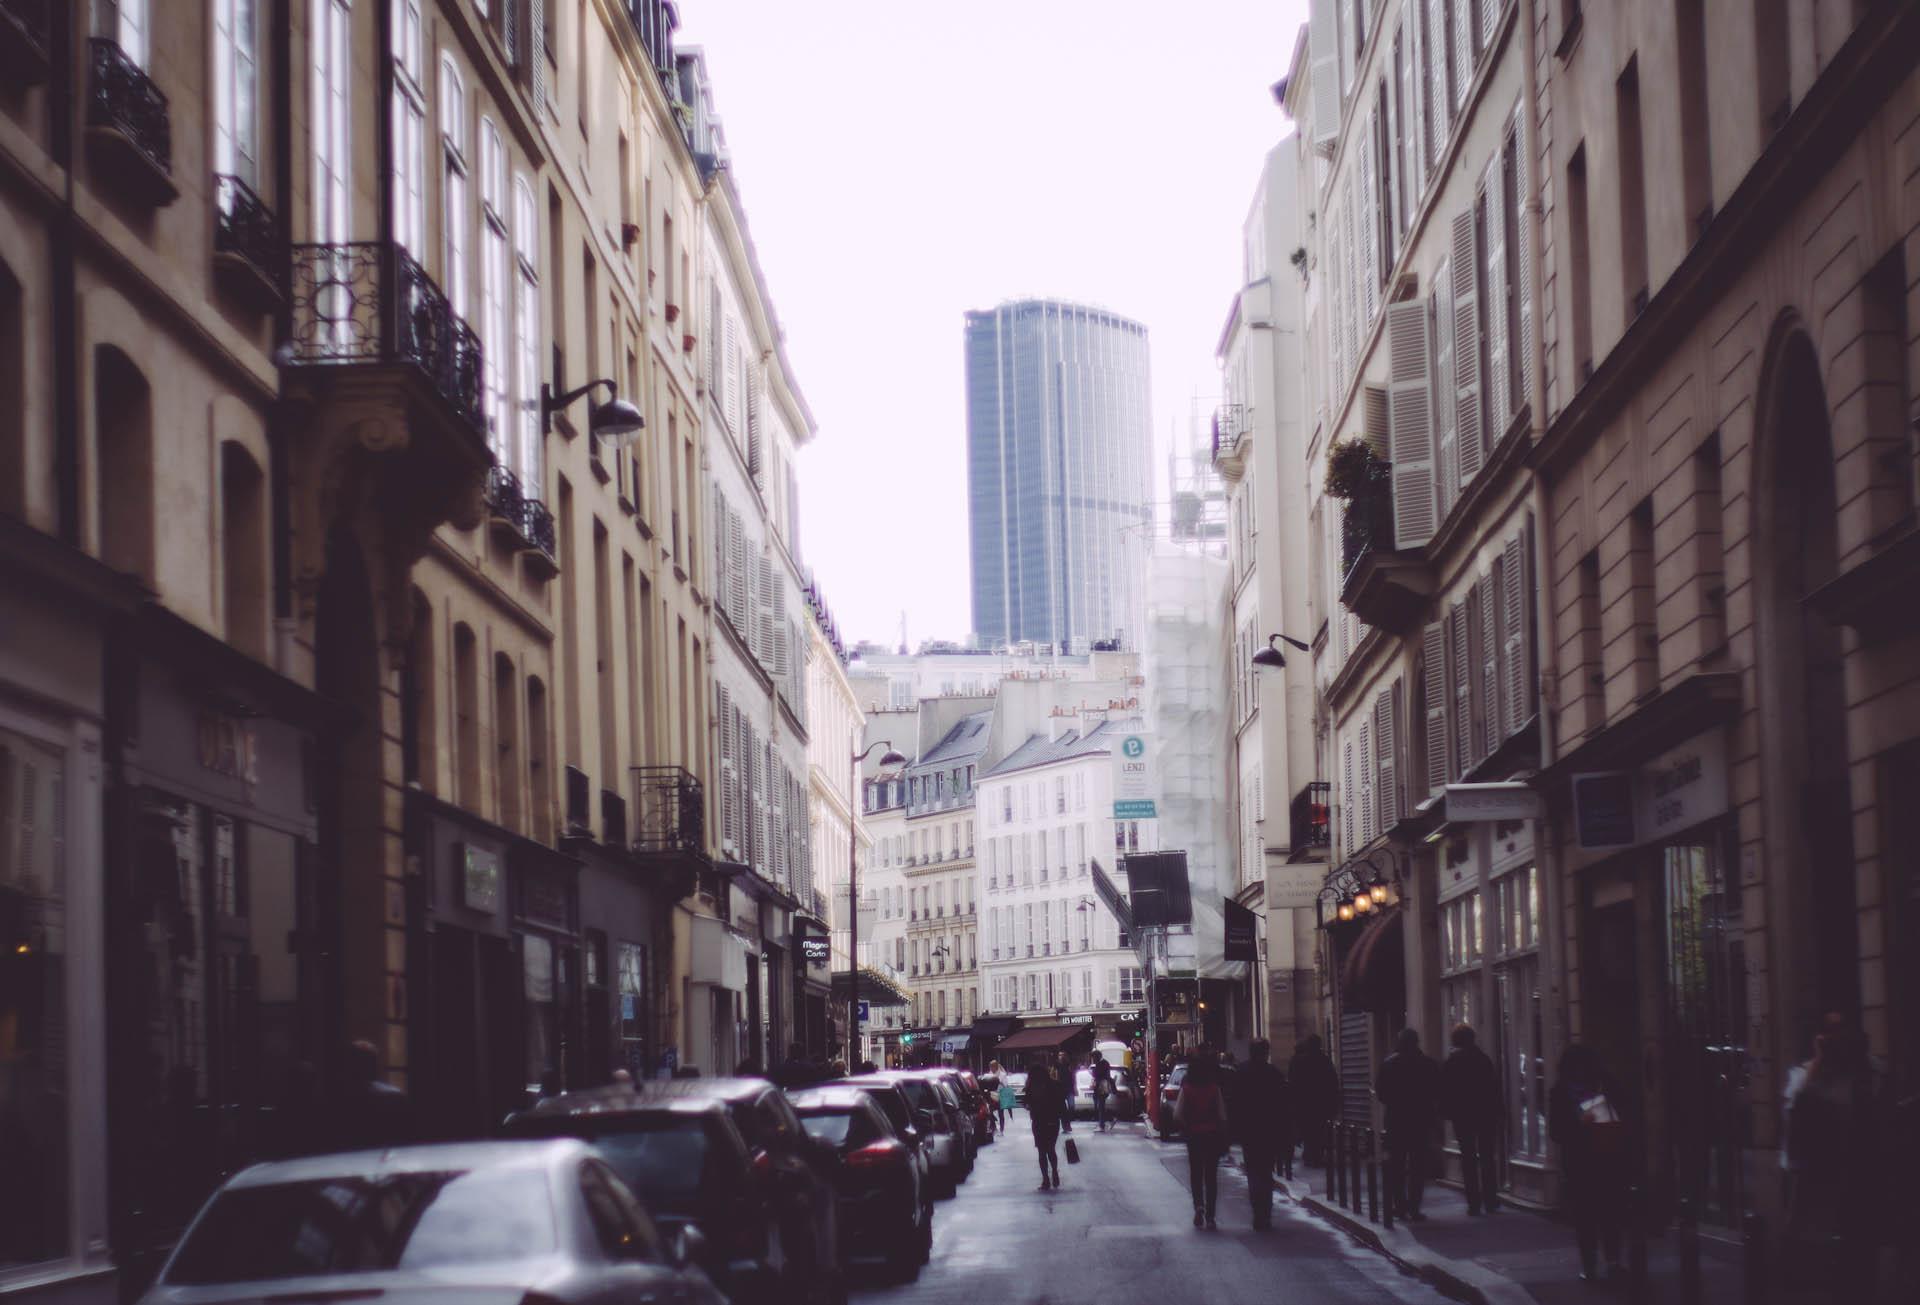 Paris, April 2017